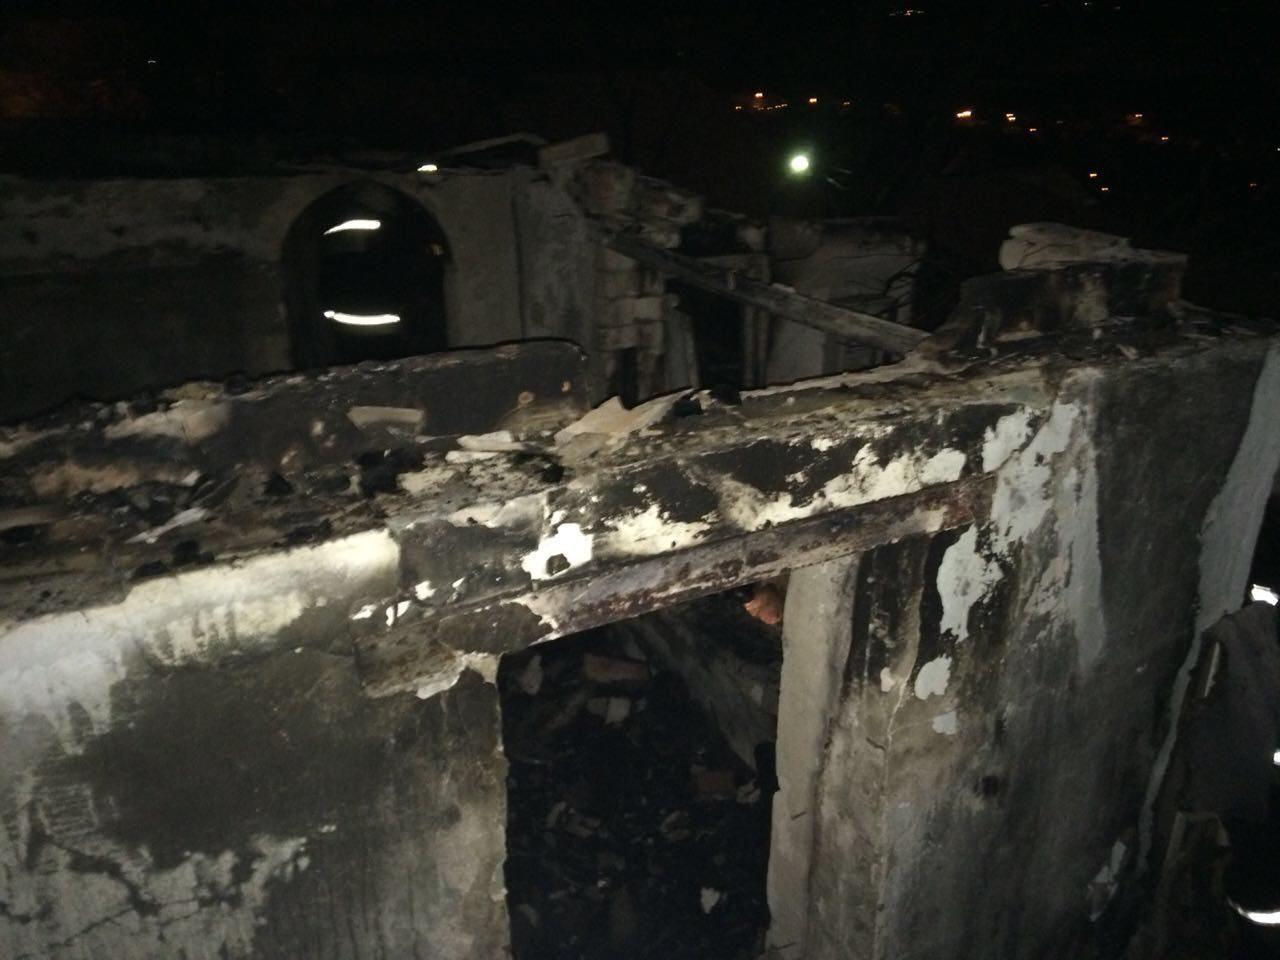 ВСтаврополе впламени пожара один человек умер, трое пострадали